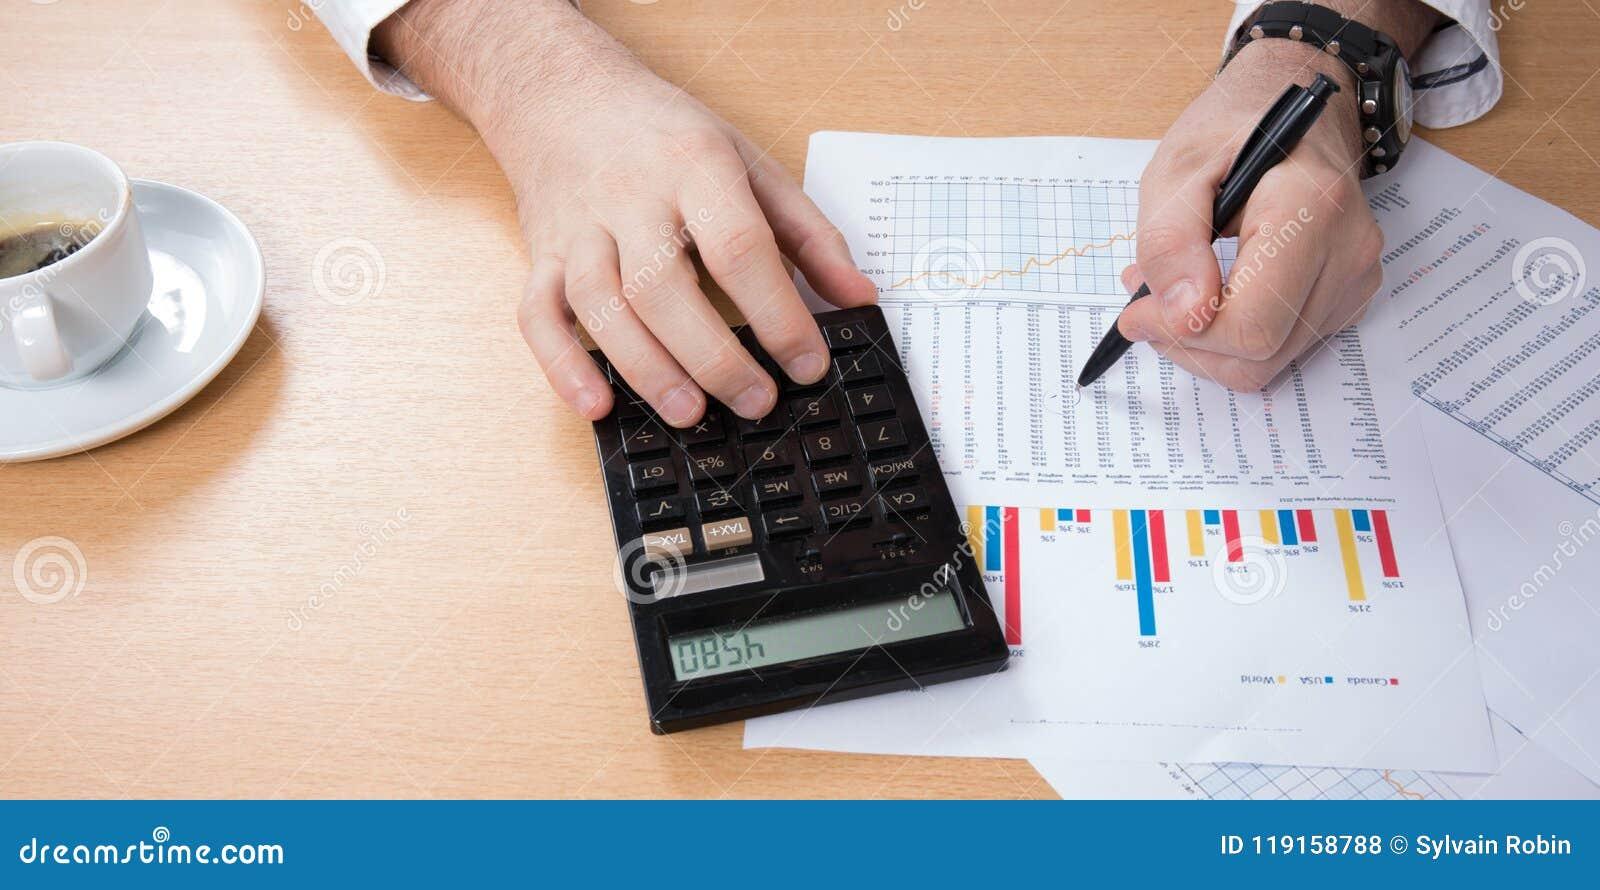 бизнесмен рассчитывать калькулятор конца-вверх, кафе, компьтер-книжку, дело, финансы, креня